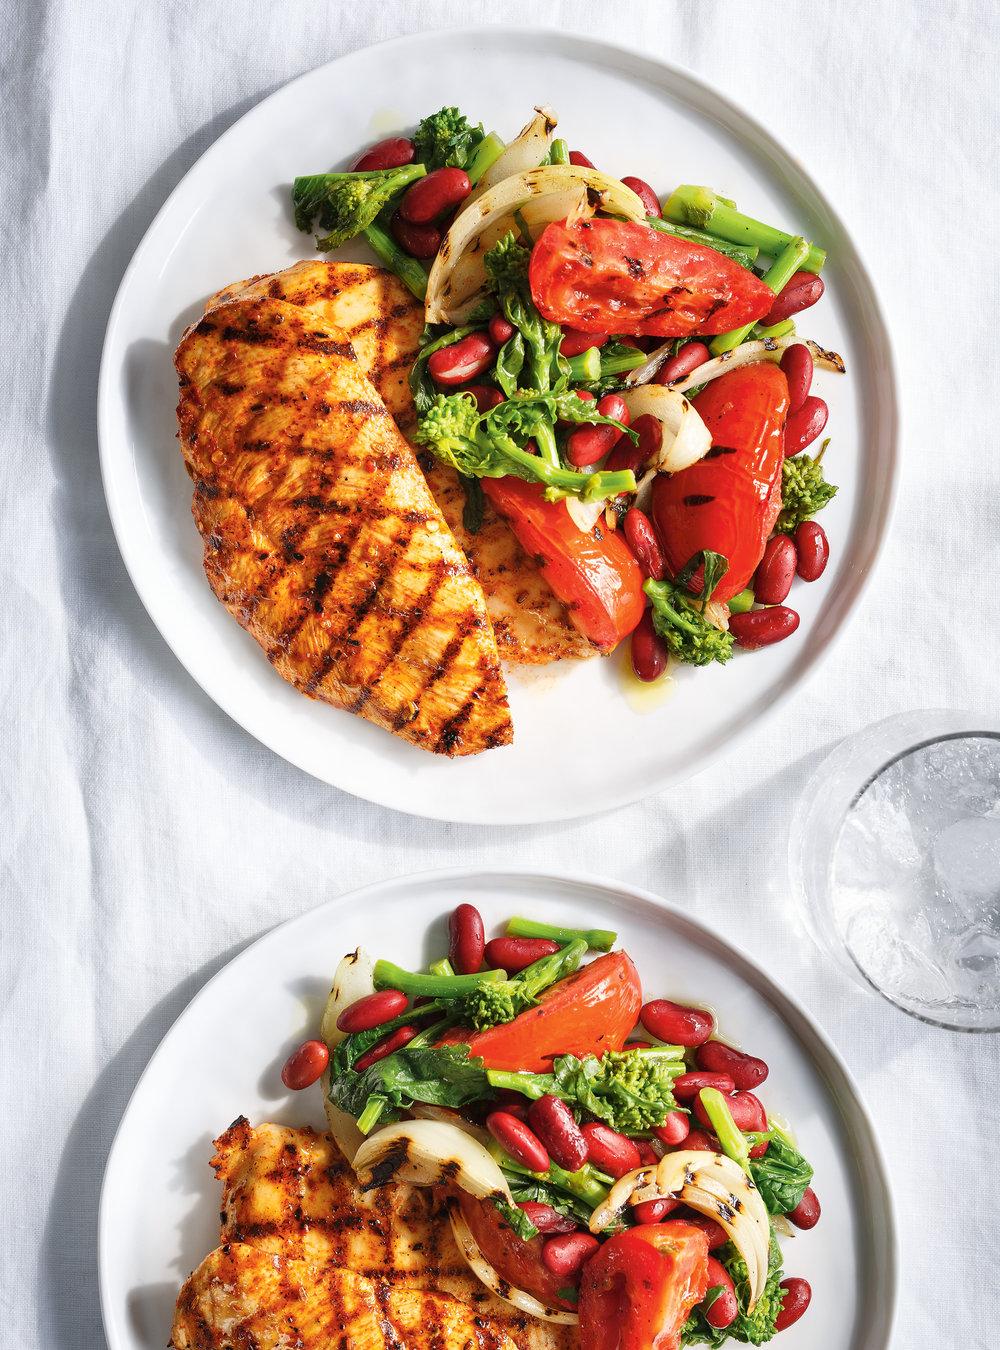 Salade de haricots rouges aux rapinis et escalopes de poulet grillées